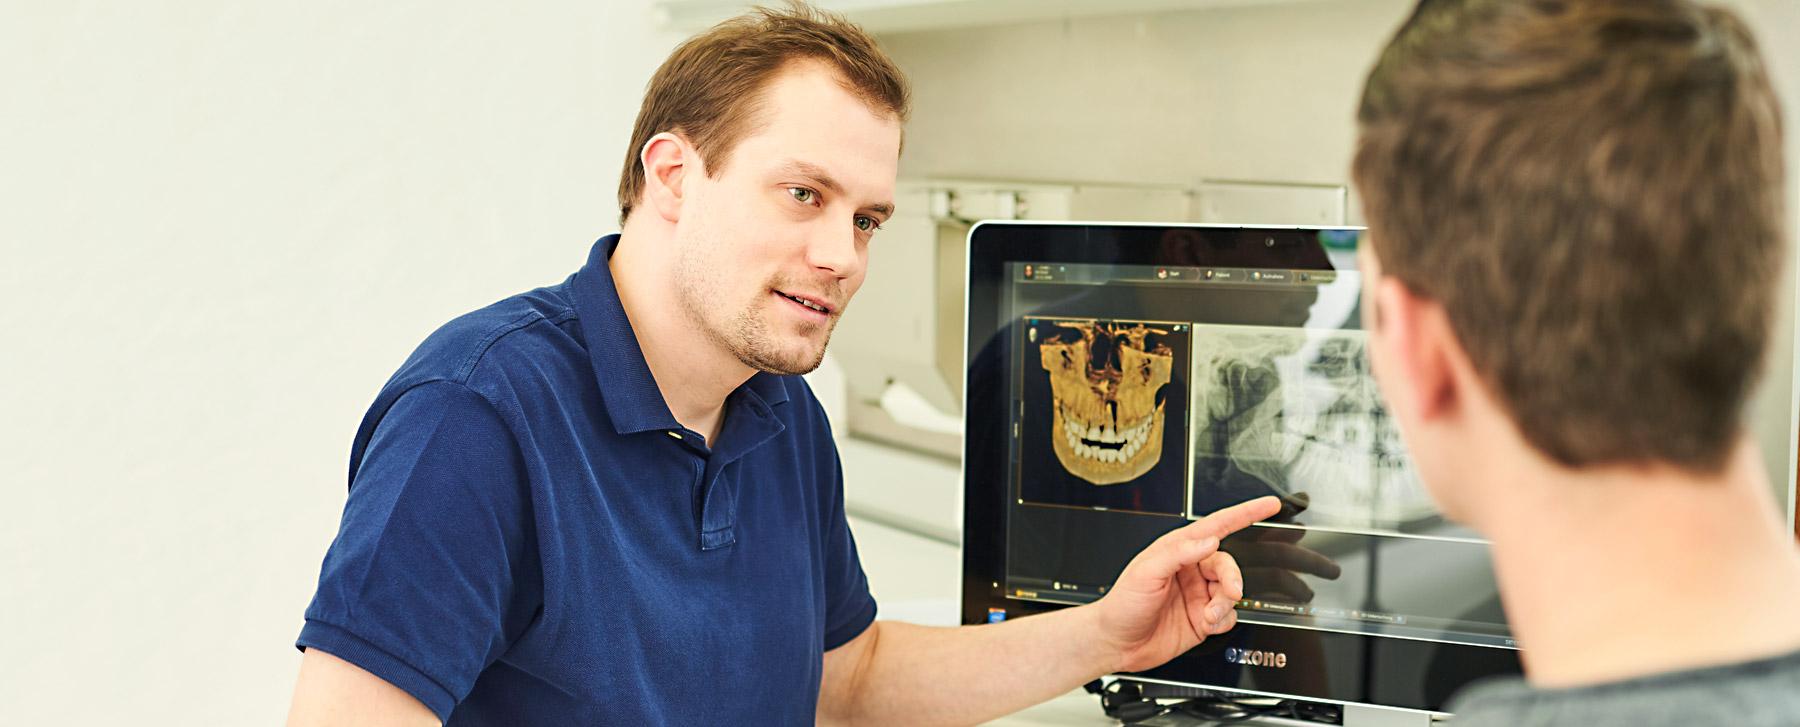 Zahnarzt Dr. Schraivogel - Behandlung 7